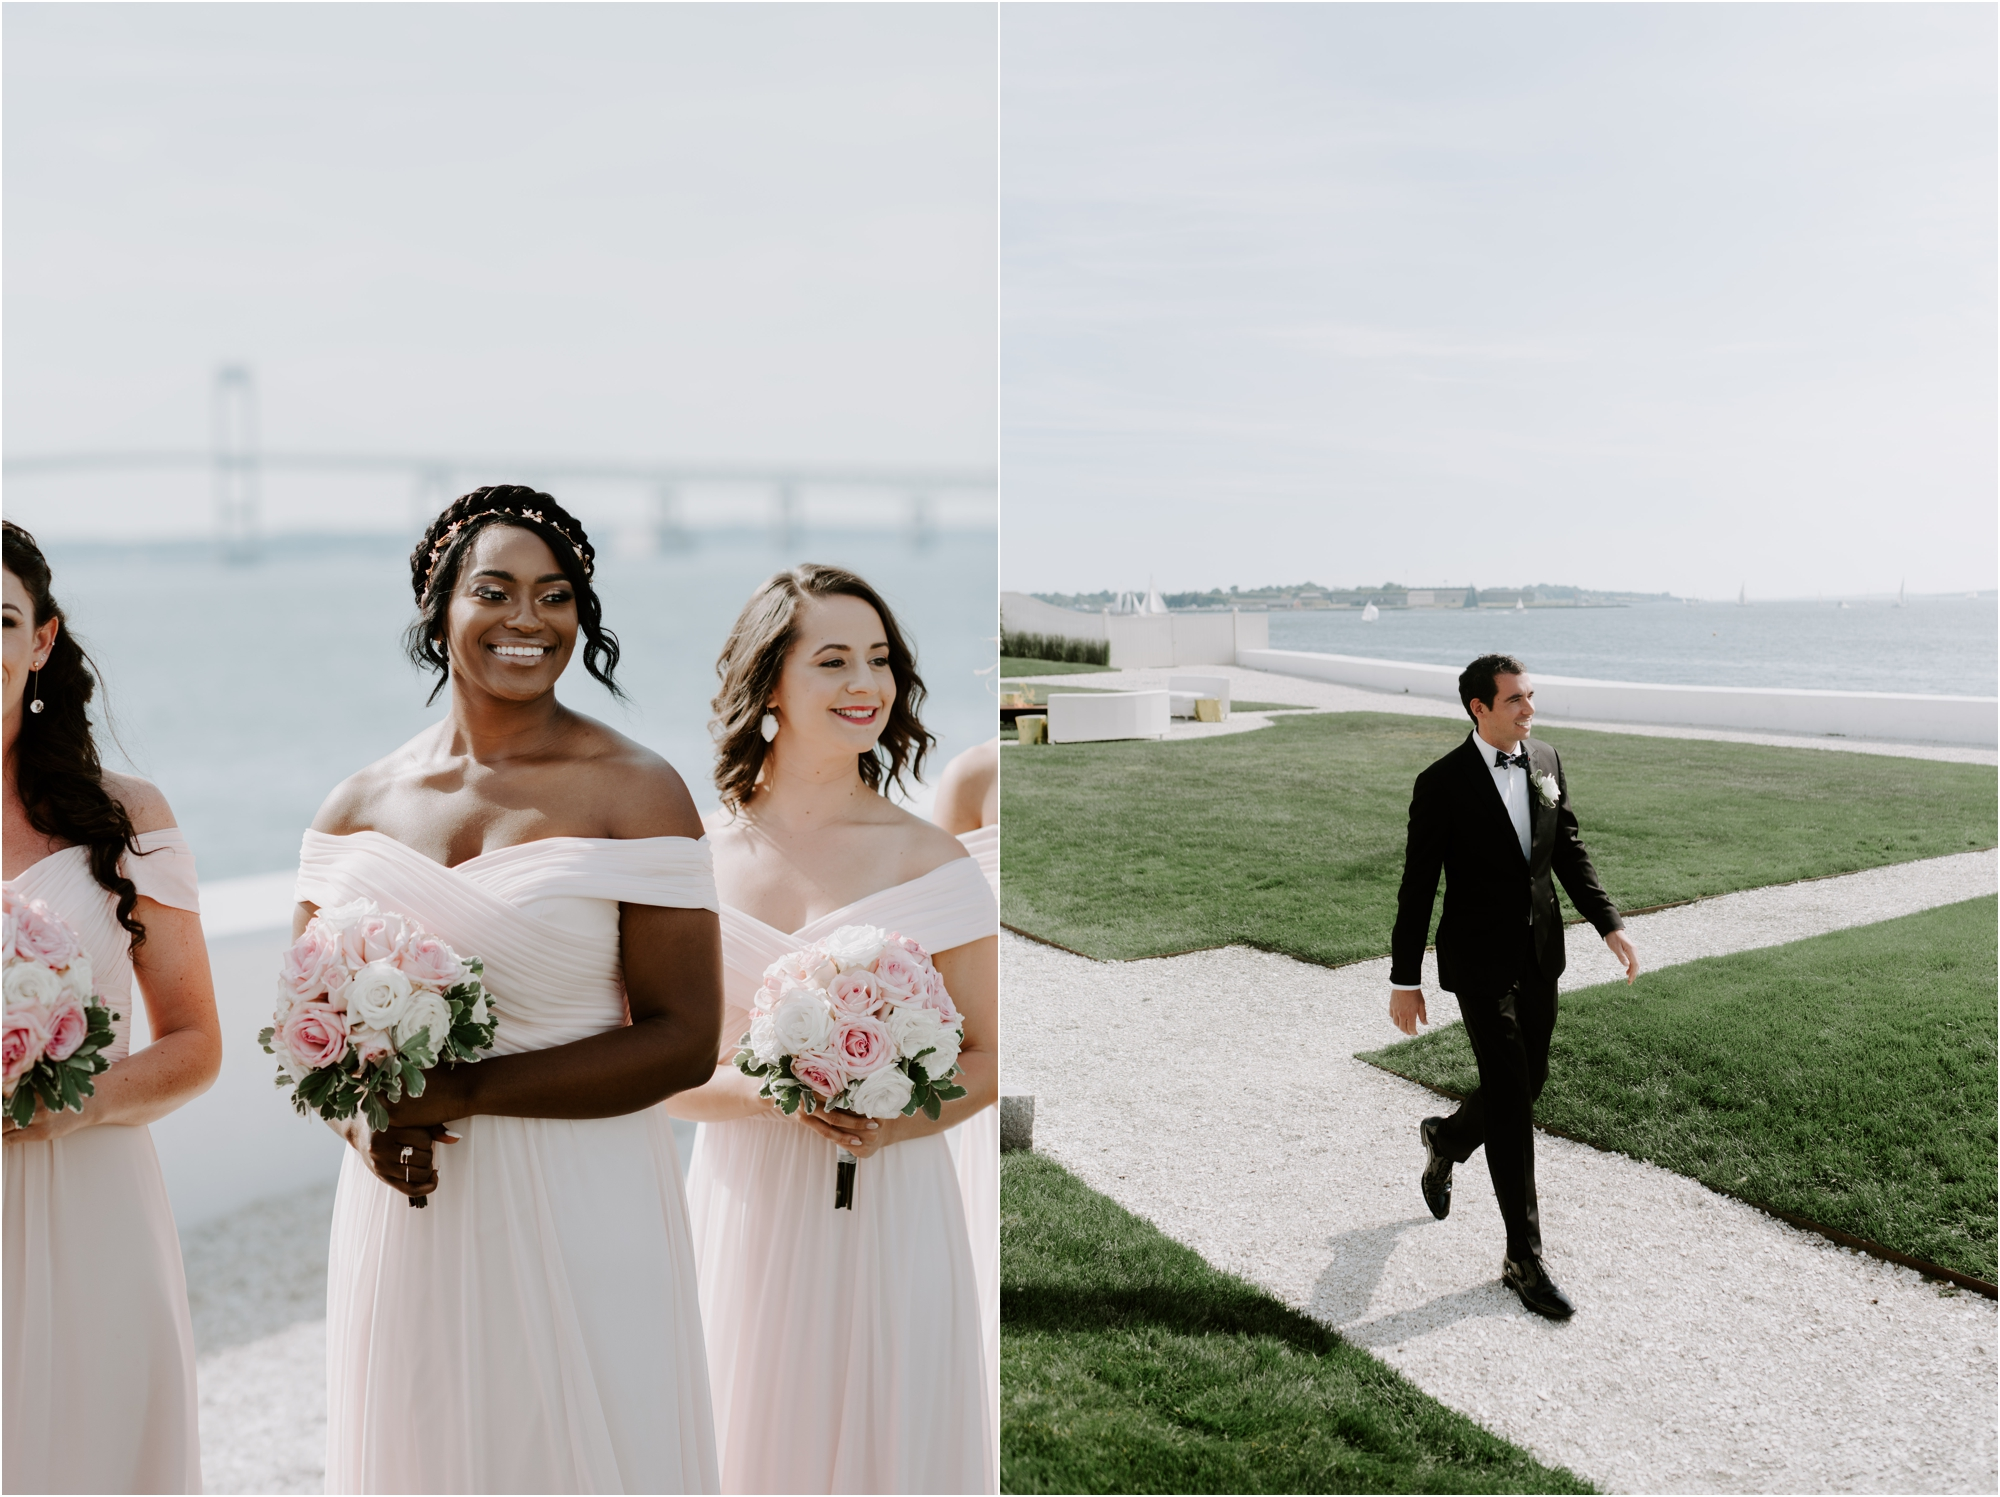 JANELLEANDJULIAN-wedding-madelinerosephotographyco_0018.jpg